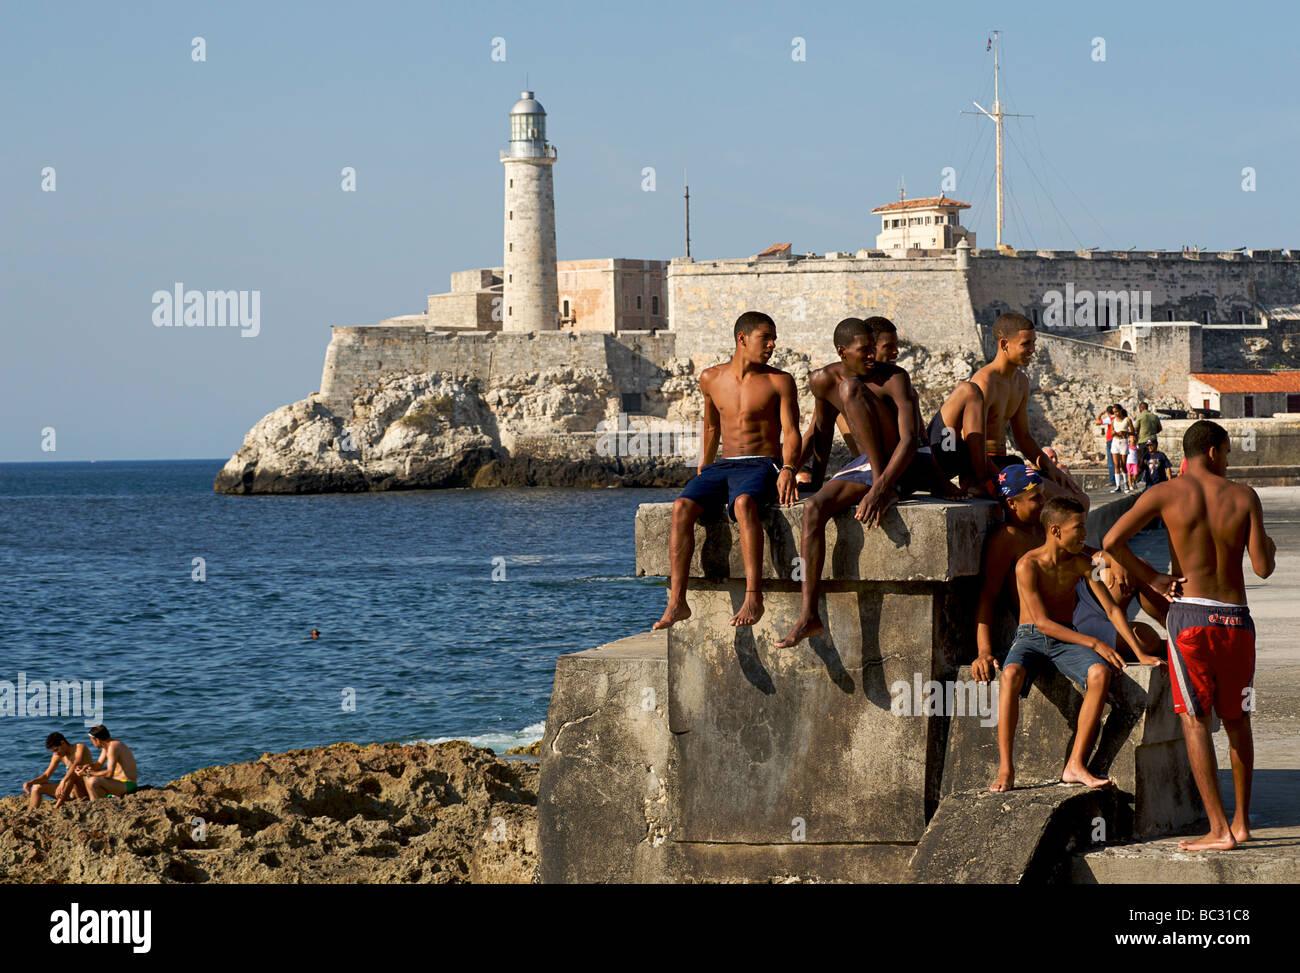 Kubaner genießen die Sonne und das Meer von den Felsen neben dem Malecon, Havanna, Kuba Stockbild